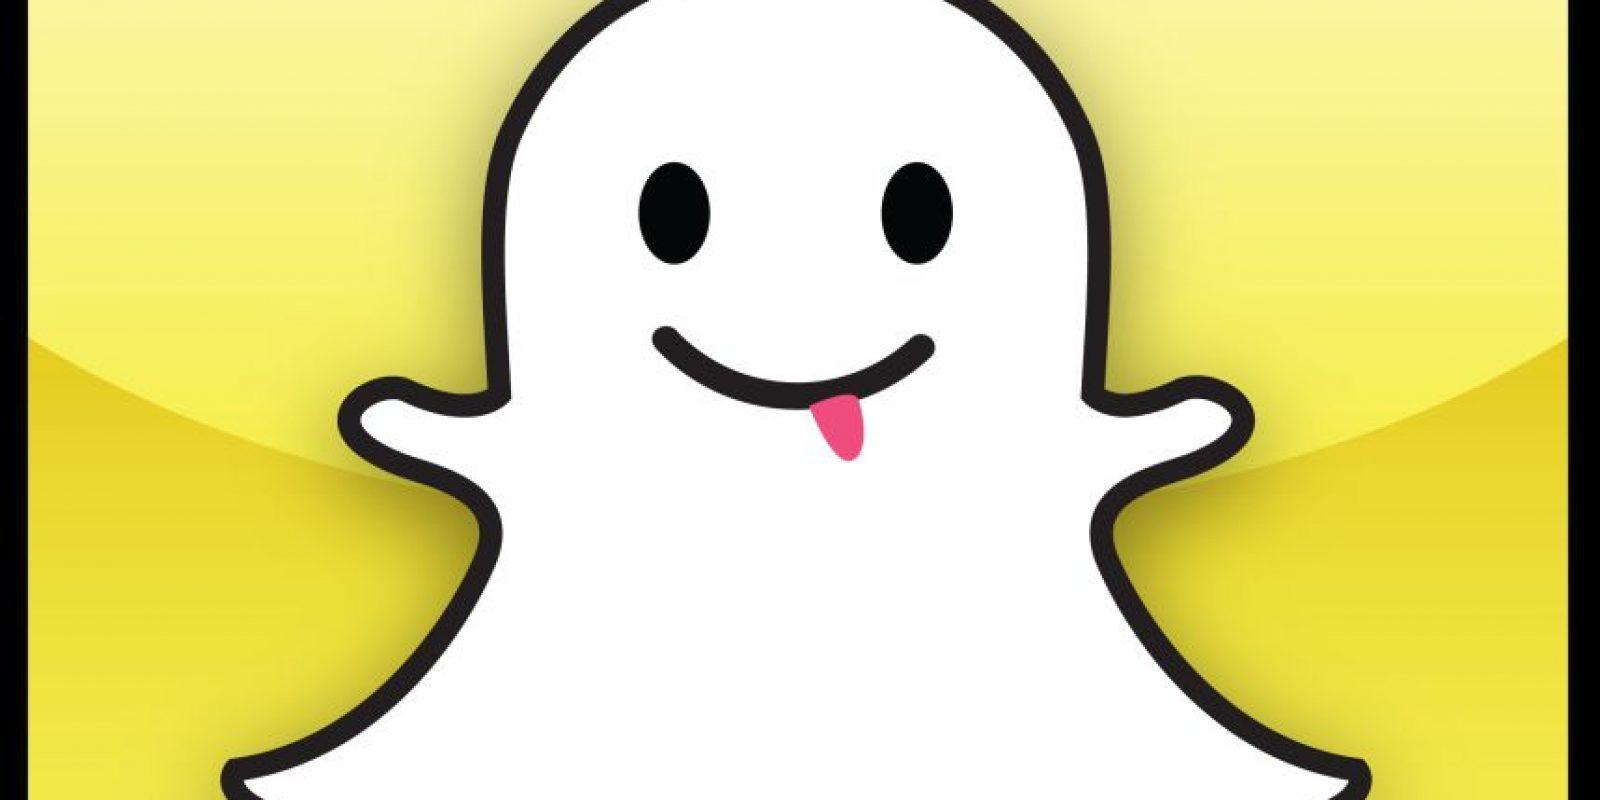 """Snapchat. Parecería que siempre hemos vivido con él y peor aún, que ya no sabemos qué hacer si no está, Snapchat quiere ganar el trono de la aplicación reina del verano. Si no la usas, te invitamos a probarla esta tamporada. Con ella graba instantes únicos de tu travesía y compártelos con tus amigos. Eso sí, recuerda que tus """"snaps"""" sólo serán visibles por 10 segundos como máximo y luego desaparecerán. Foto:Fuente externa"""